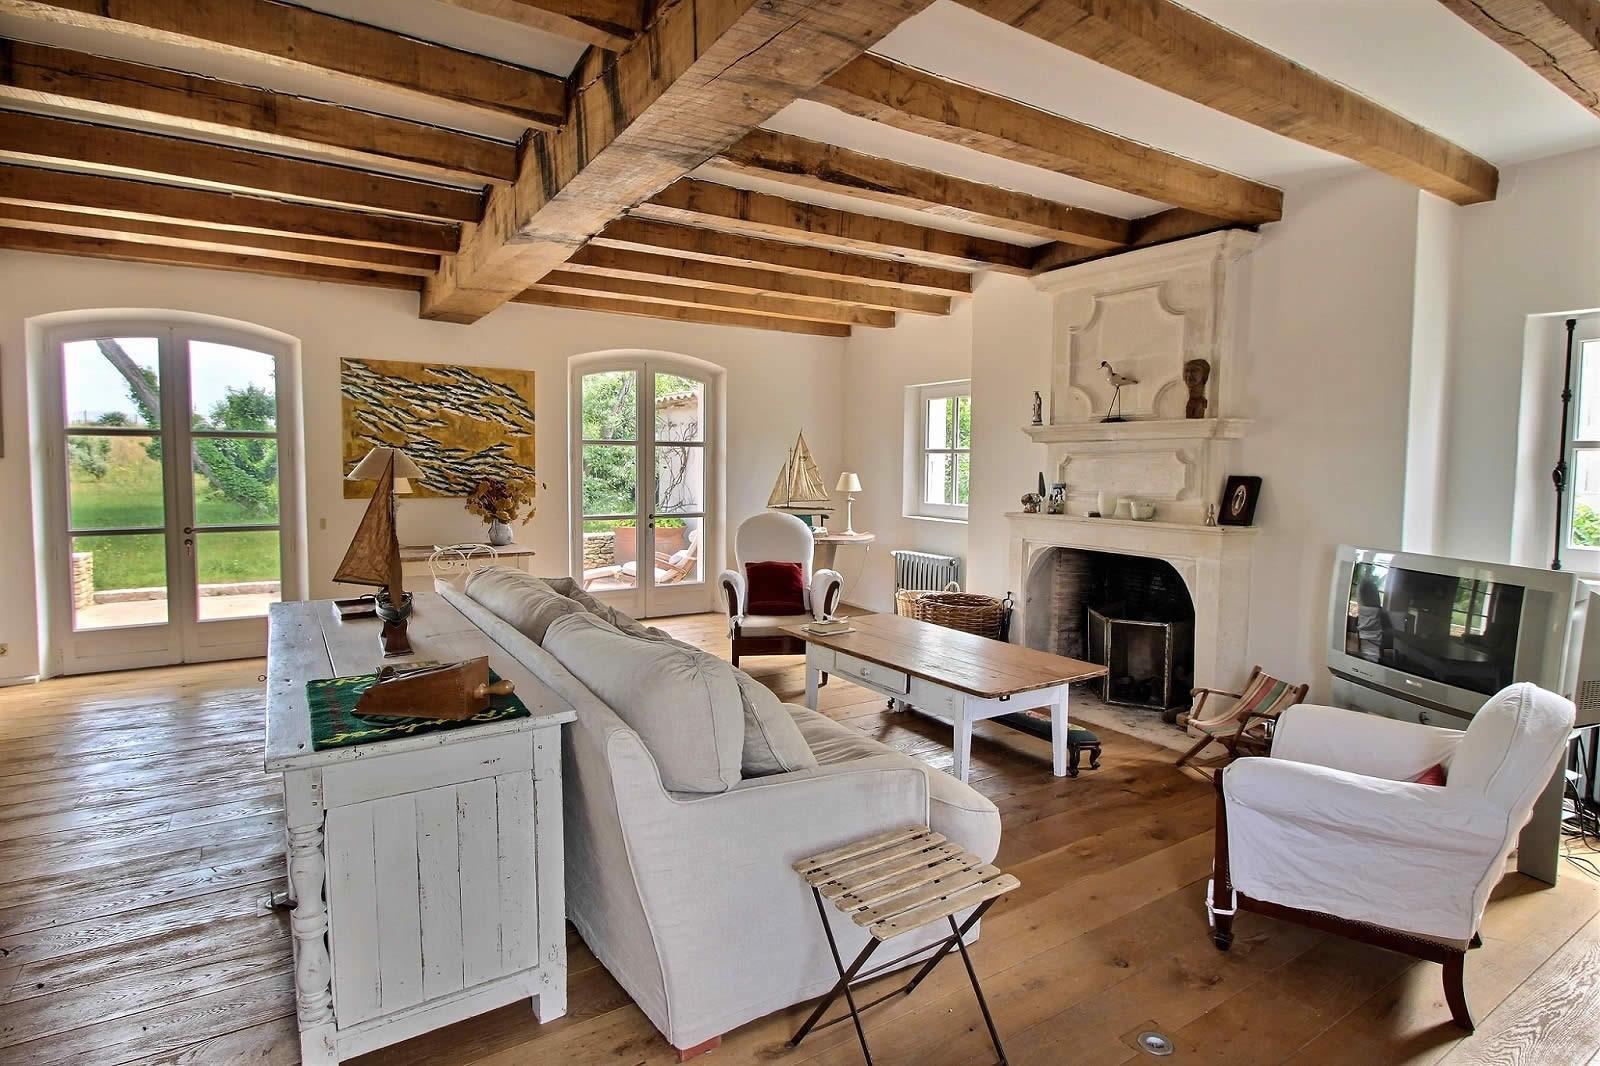 Maison  vendre  lle de R  Atelier dartiste terrasse dhiver couverte double garage et